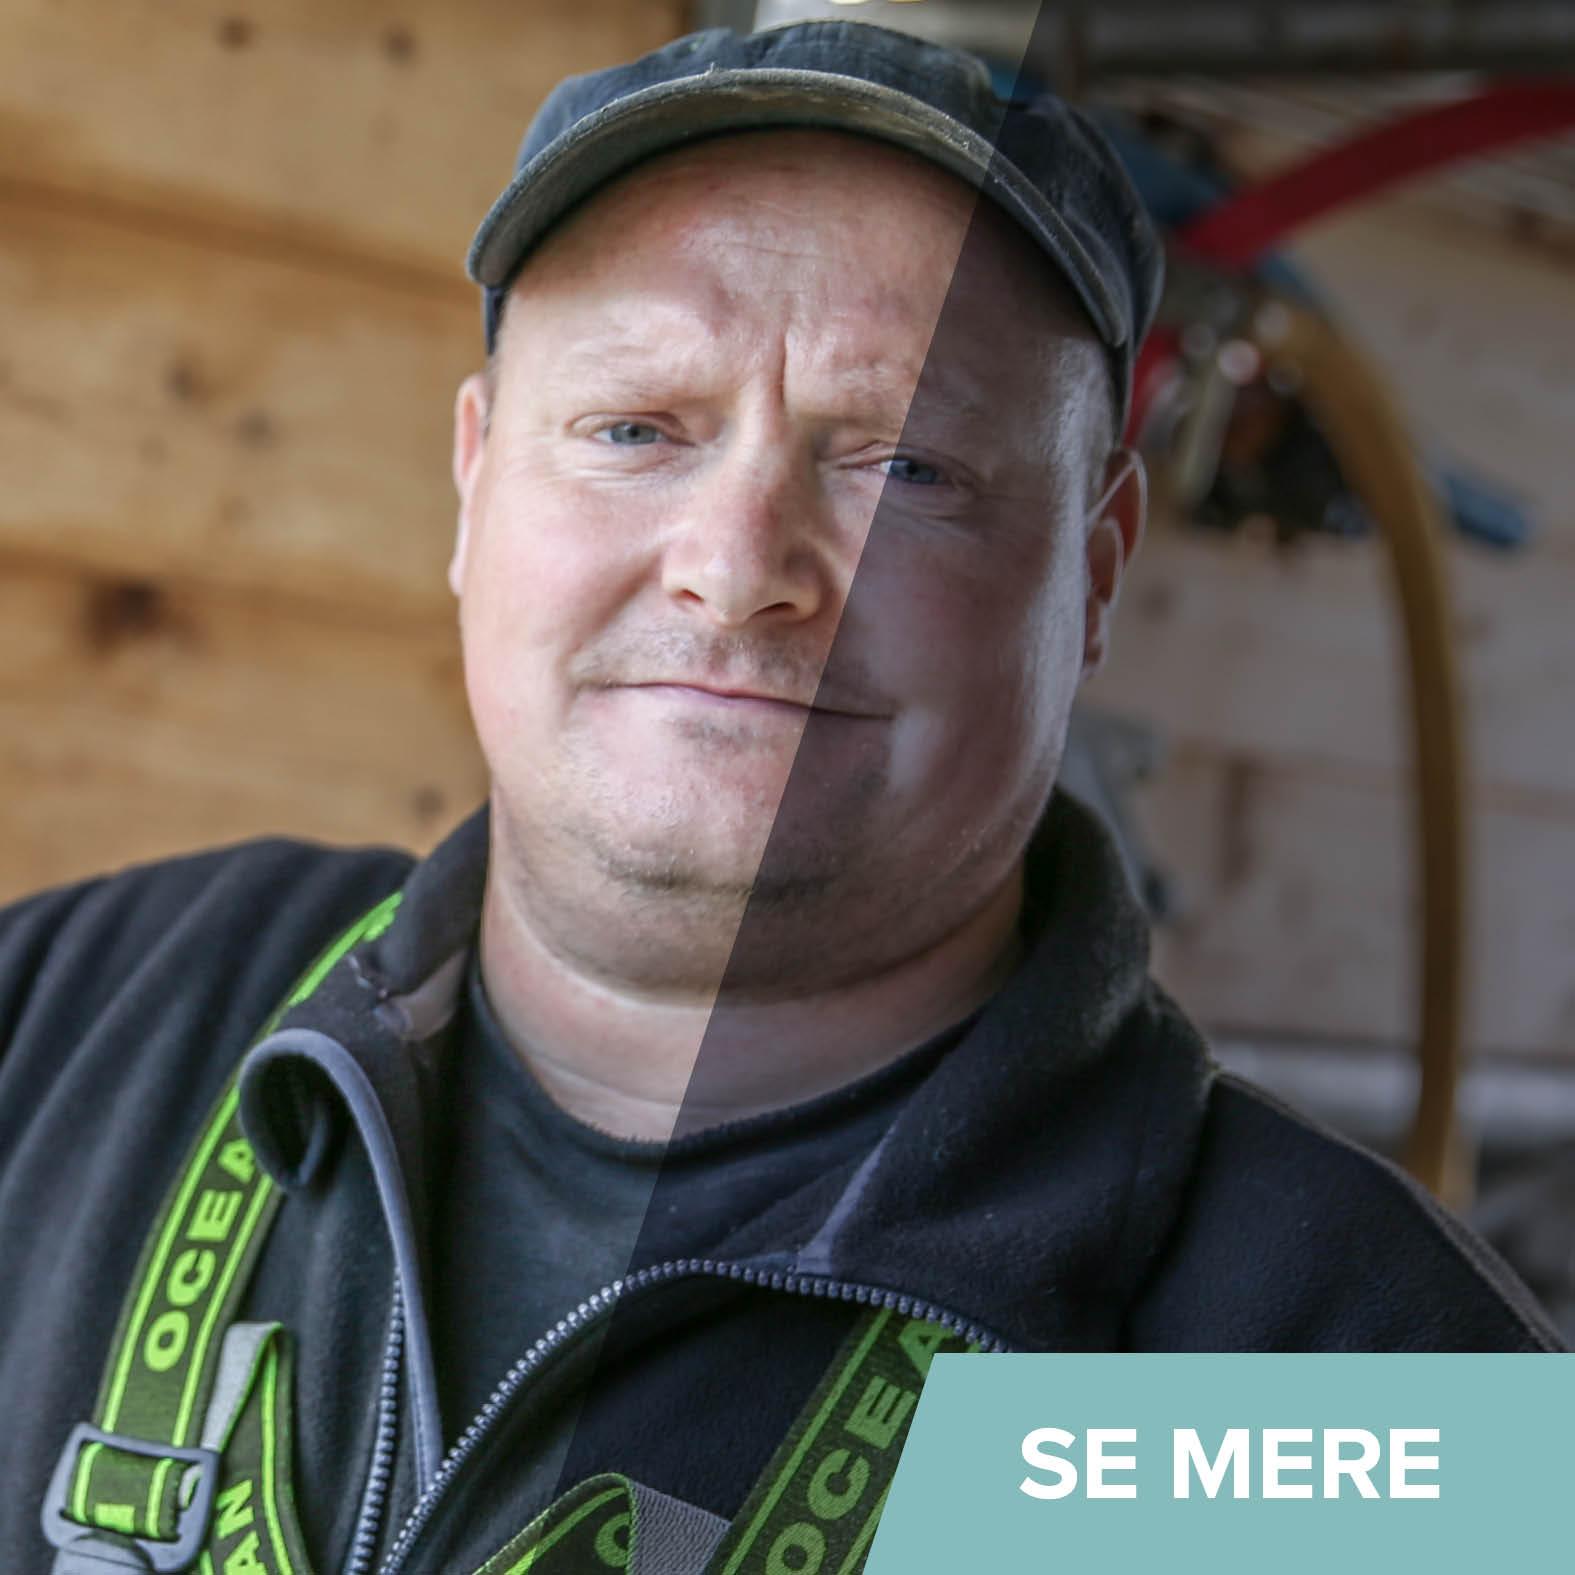 RI426 Mette Janni - Fisker